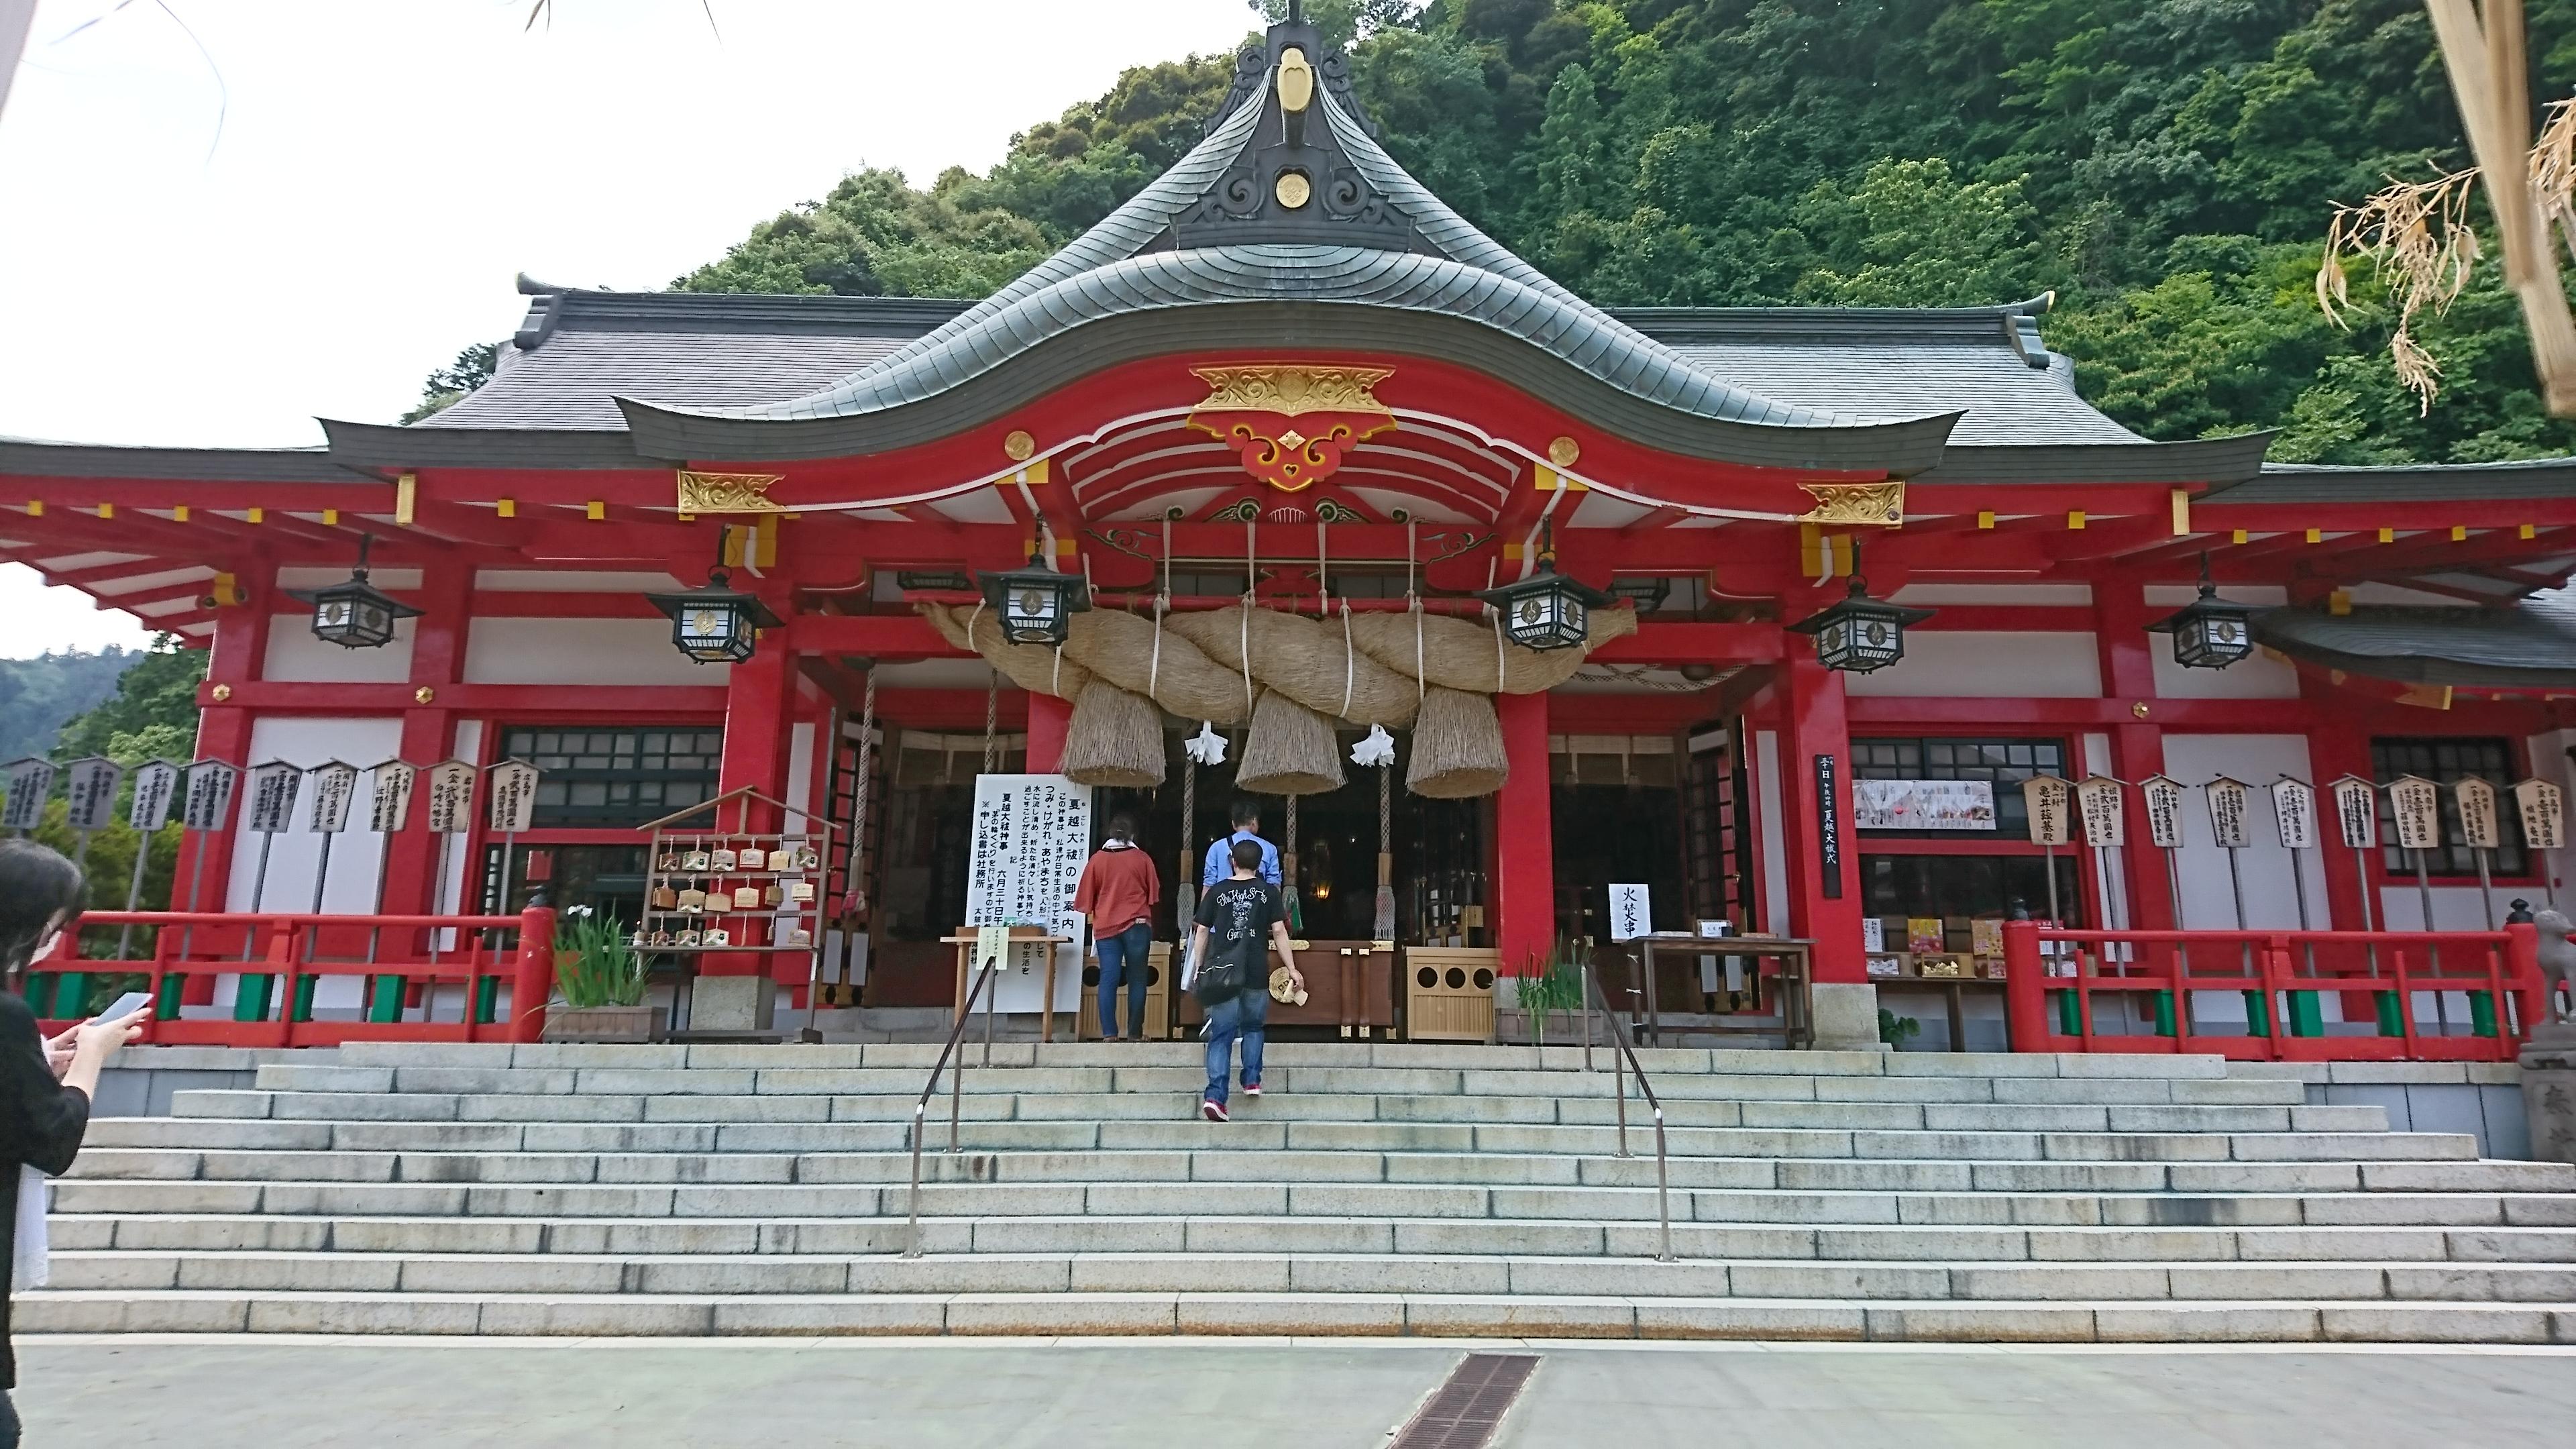 津和野の太鼓谷稲成神社は狐のお守りが人気です